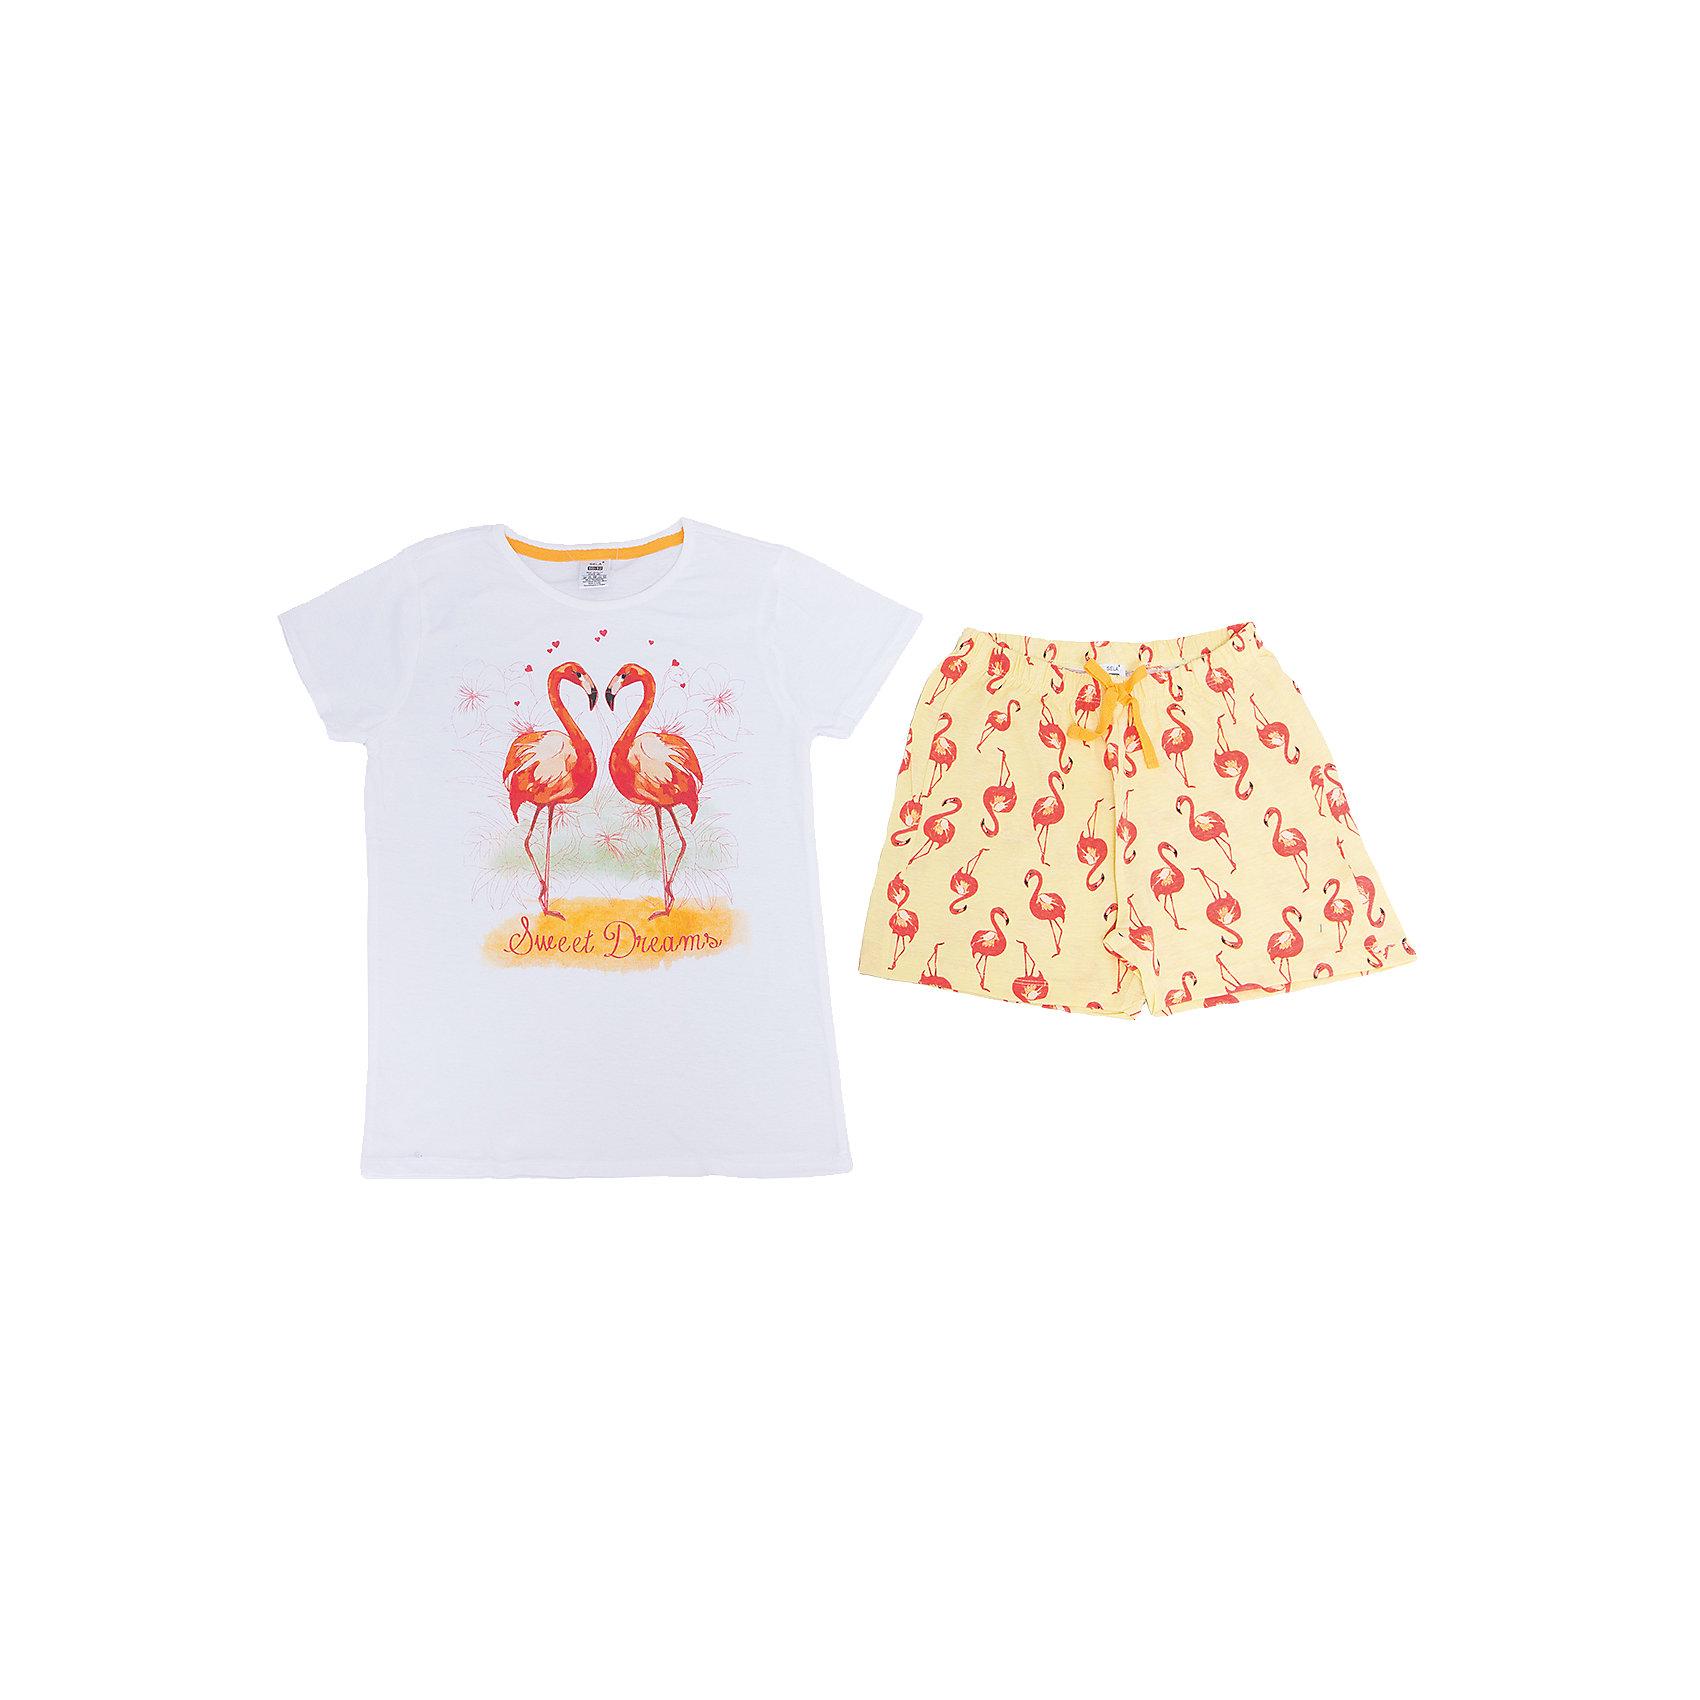 Пижама для девочки SELAПижамы и сорочки<br>Характеристики товара:<br><br>• цвет: белый/жёлтый<br>• состав: 100% хлопок<br>• комплектация: футболка, шорты<br>• короткие рукава<br>• принт<br>• пояс: мягкая резинка и шнурок<br>• страна бренда: Российская Федерация<br><br>Вещи из новой коллекции SELA продолжают радовать удобством! Симпатичная пижама поможет обеспечить ребенку комфорт - она очень удобно сидит на теле. В составе материала - натуральный хлопок. Отличная одежда для комфортного сна!<br><br>Пижаму для девочки от популярного бренда SELA (СЕЛА) можно купить в нашем интернет-магазине.<br><br>Ширина мм: 281<br>Глубина мм: 70<br>Высота мм: 188<br>Вес г: 295<br>Цвет: белый<br>Возраст от месяцев: 24<br>Возраст до месяцев: 36<br>Пол: Женский<br>Возраст: Детский<br>Размер: 92/98,128/134,140/146,104/110,116/122<br>SKU: 5302869